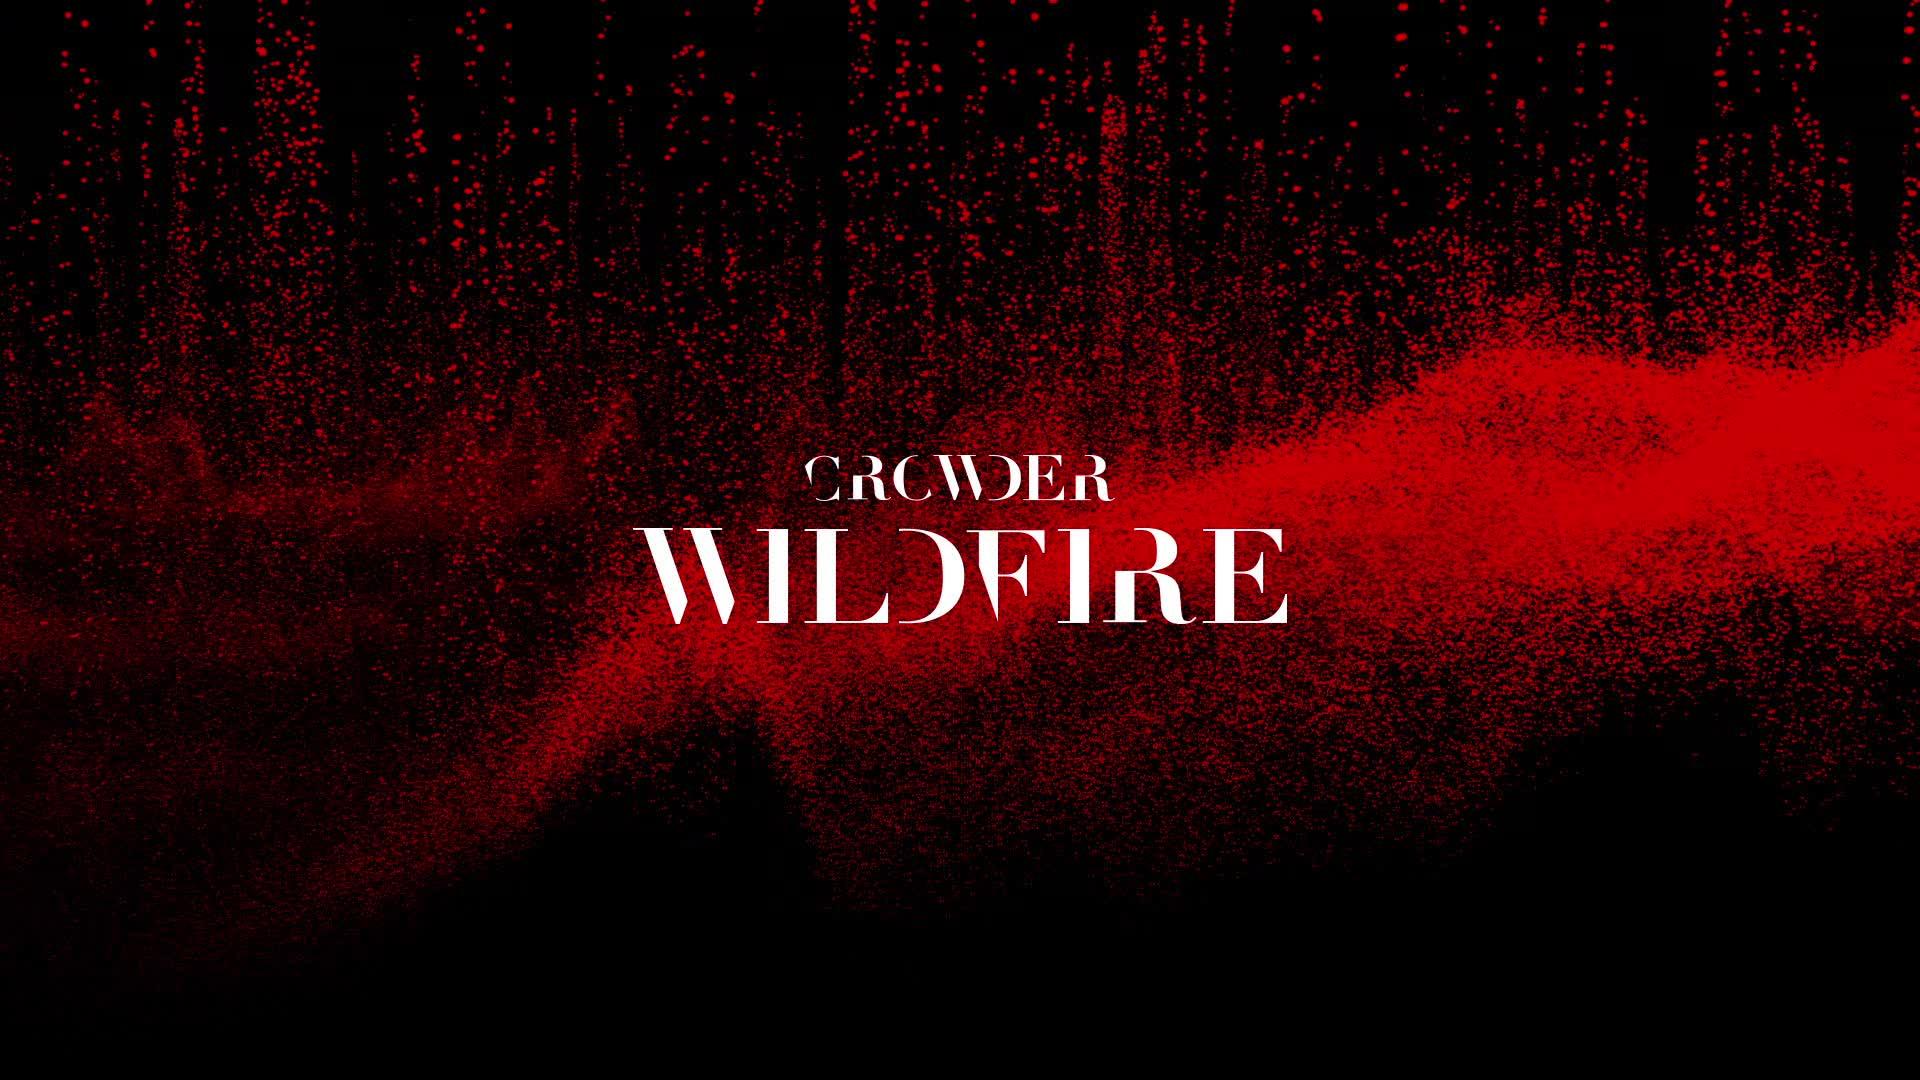 Crowder - Wildfire